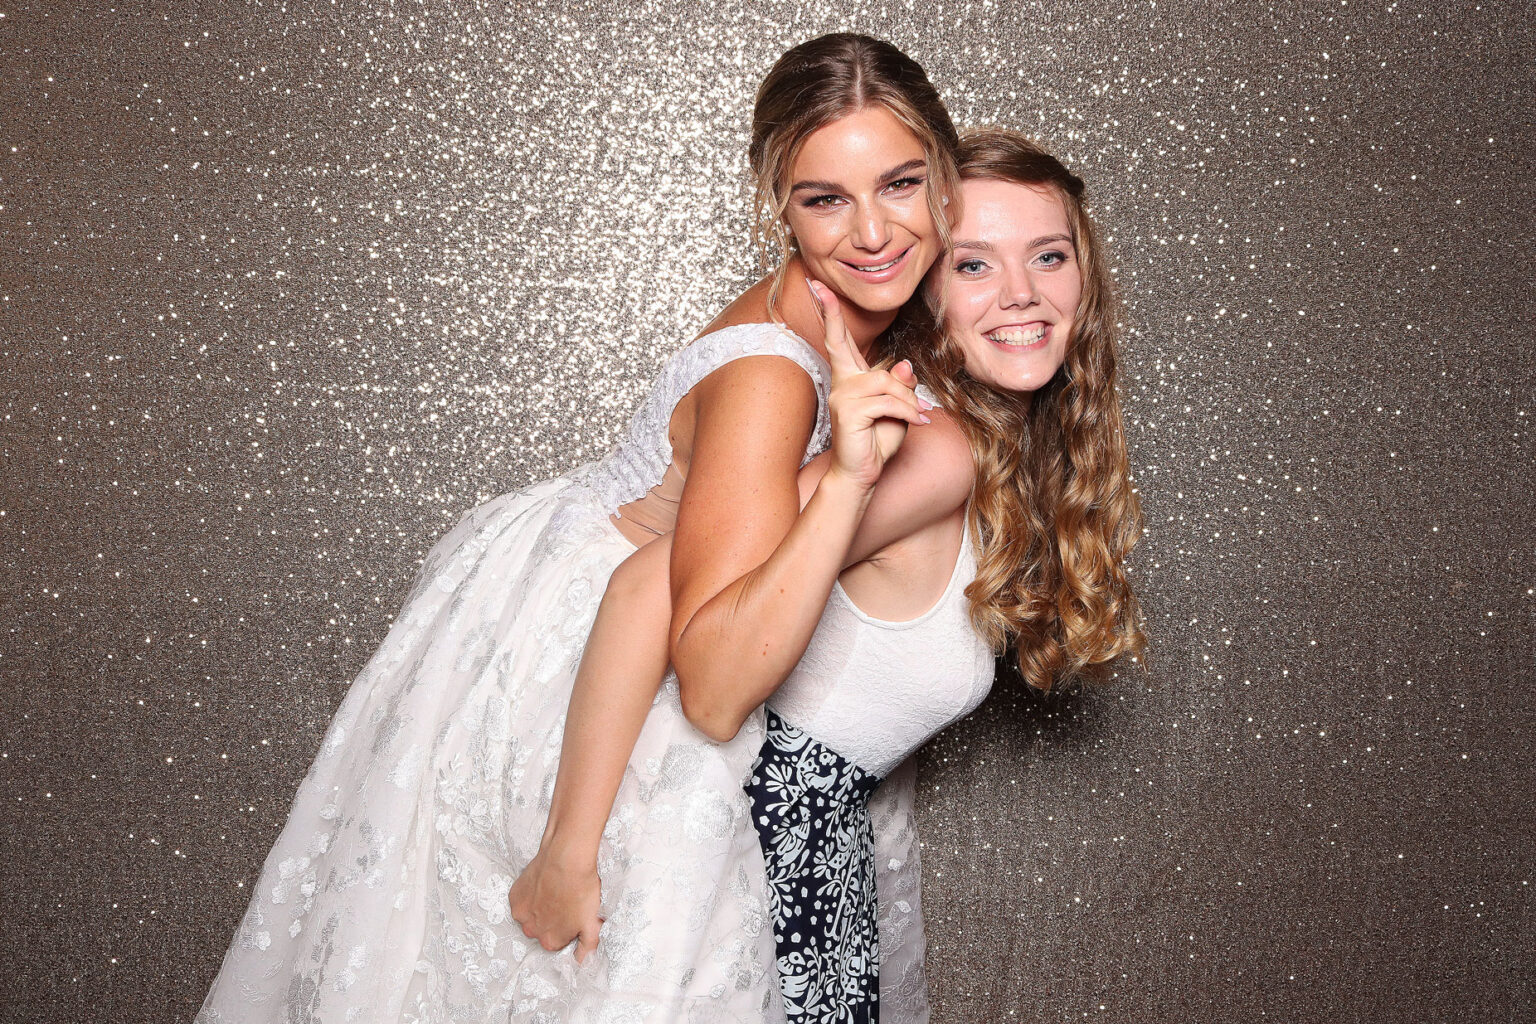 fotopozadie na svadbu champagne fotokutik svadobna fotostena FOTOKÚTIK.sk